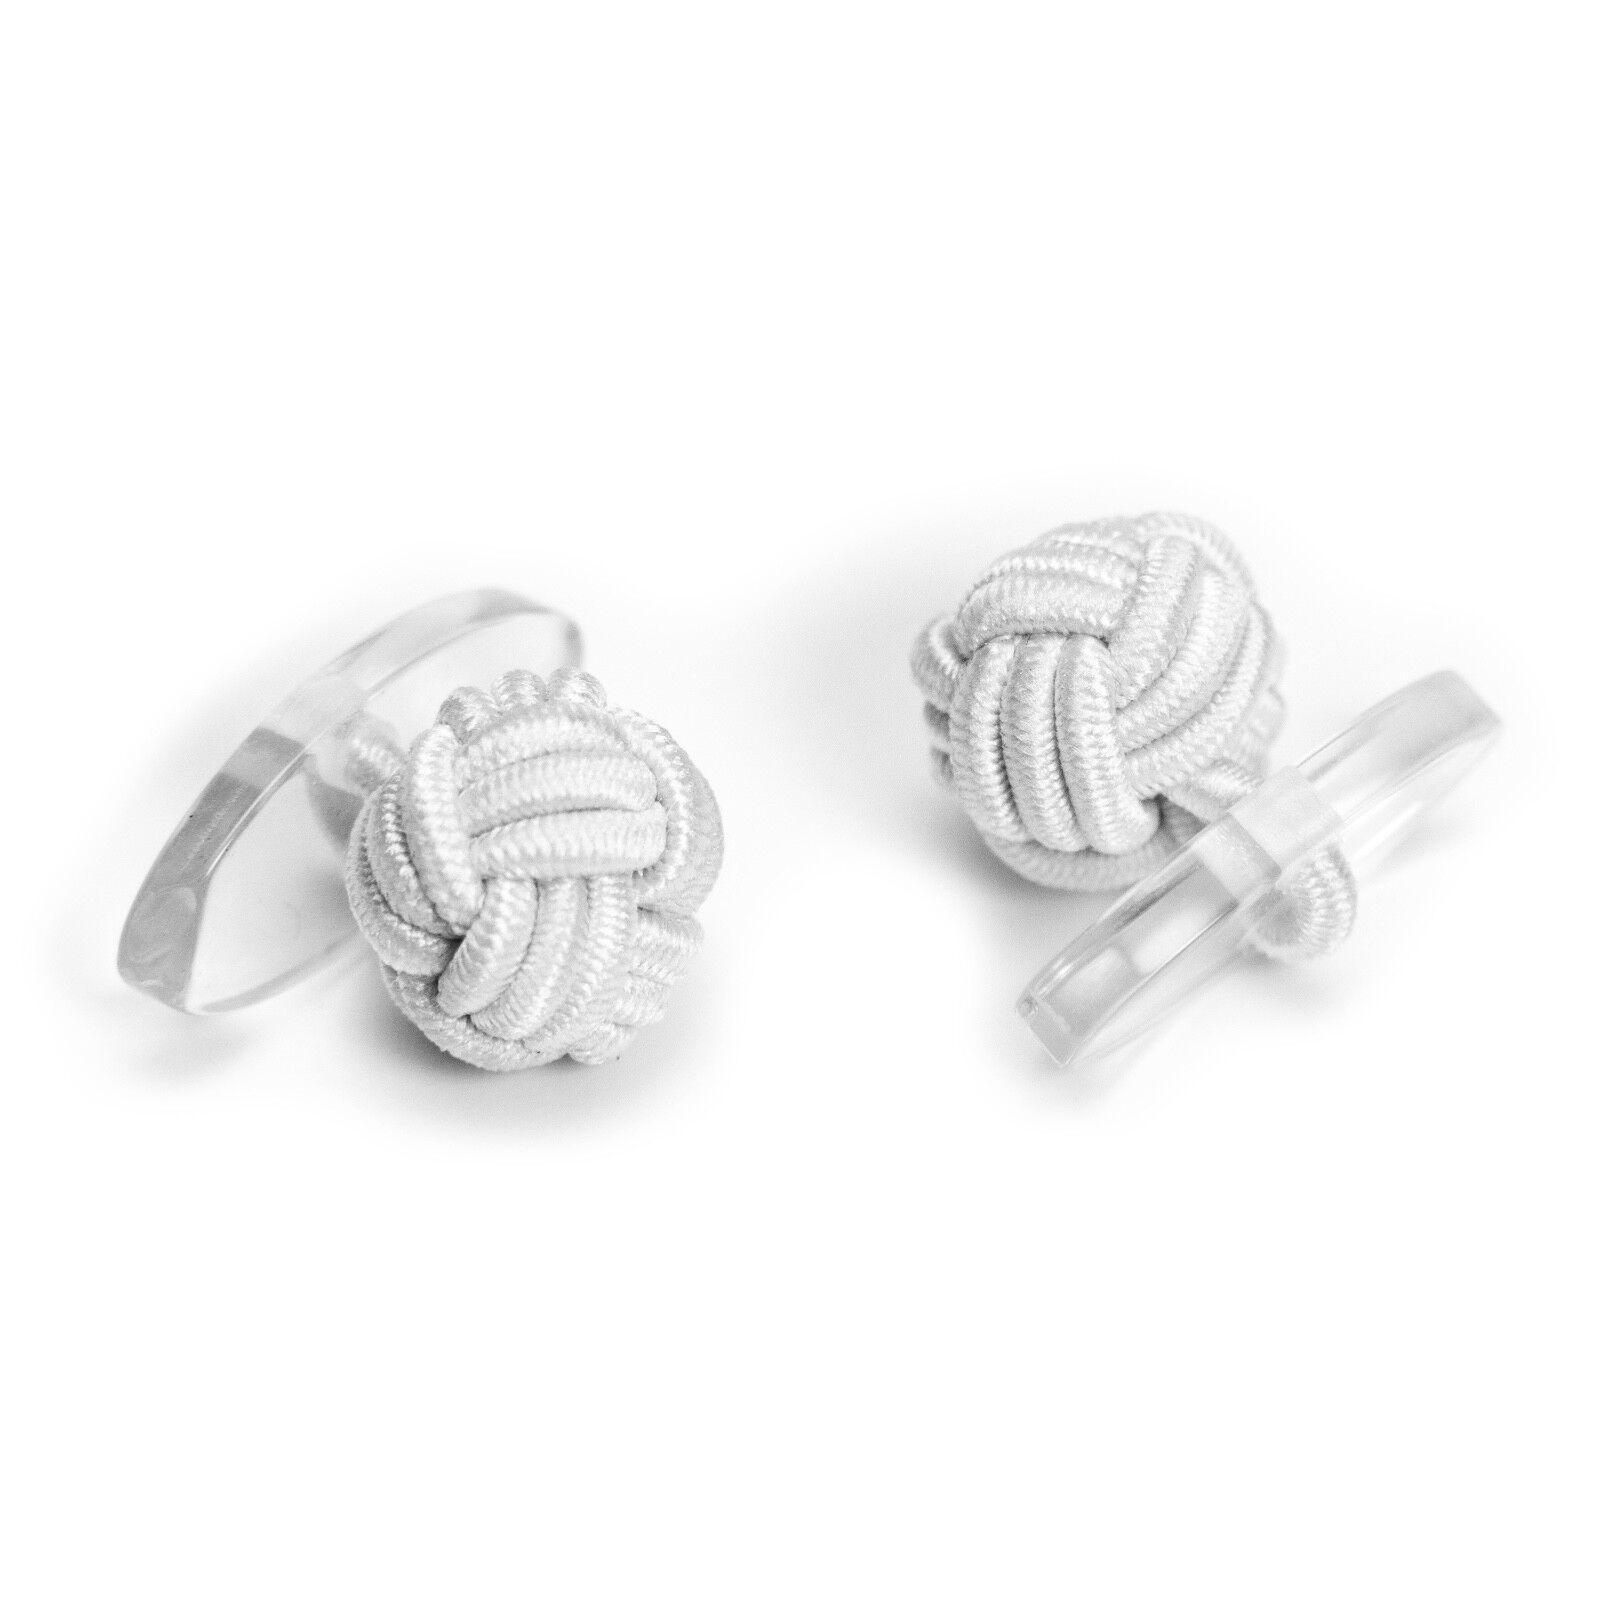 1 Paar Seidenknoten Manschettenknöpfe Cufflinks, weiß mit Plastik-Steg innen